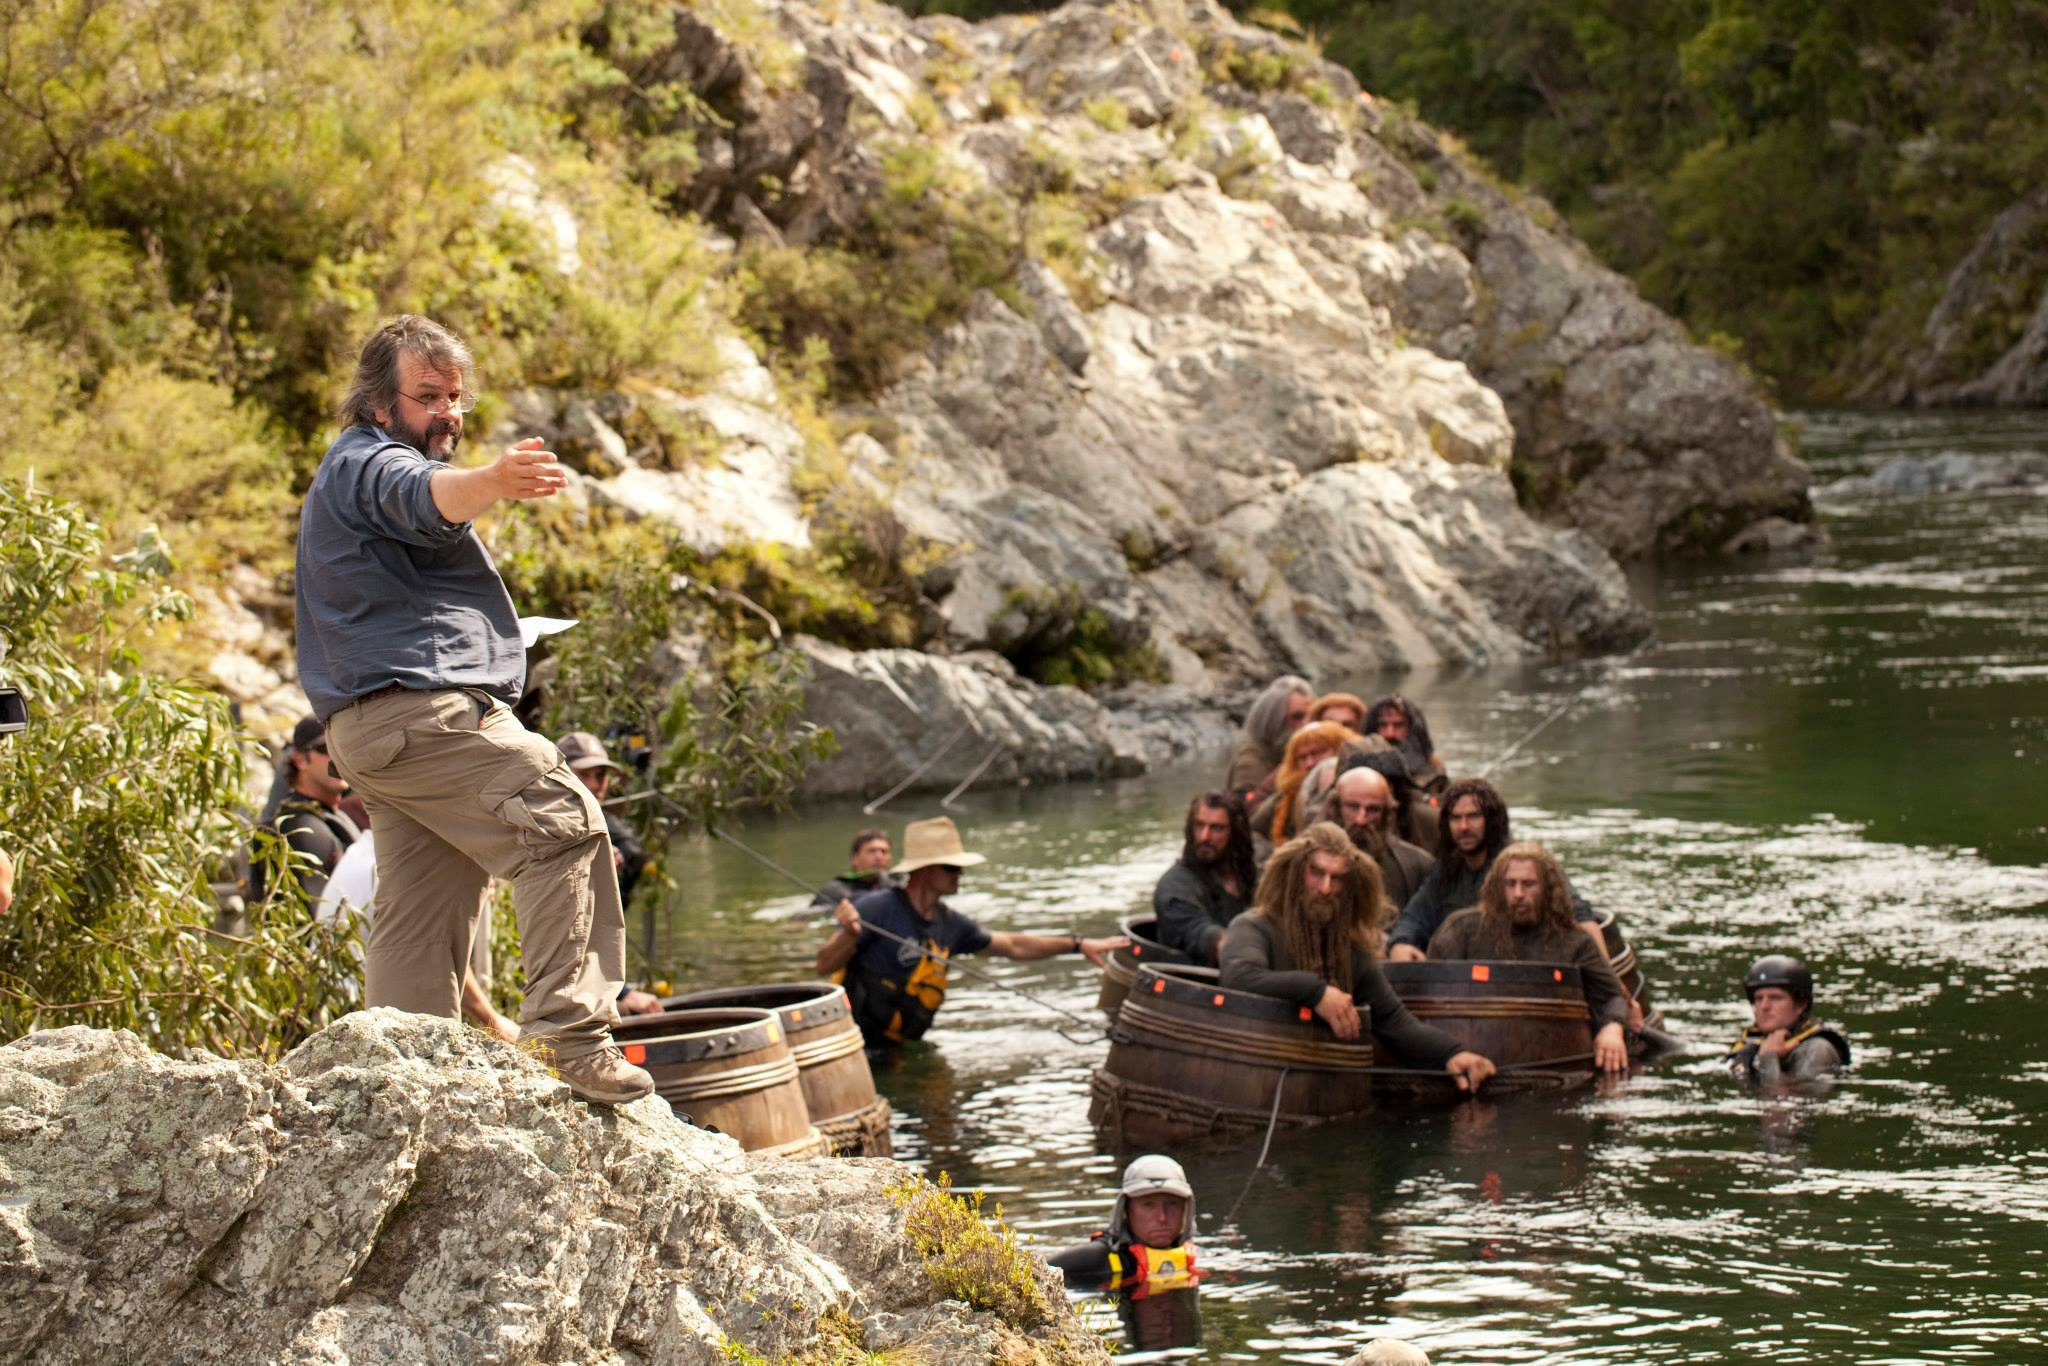 Dwarves floating on barrels scene in The Hobbit movie